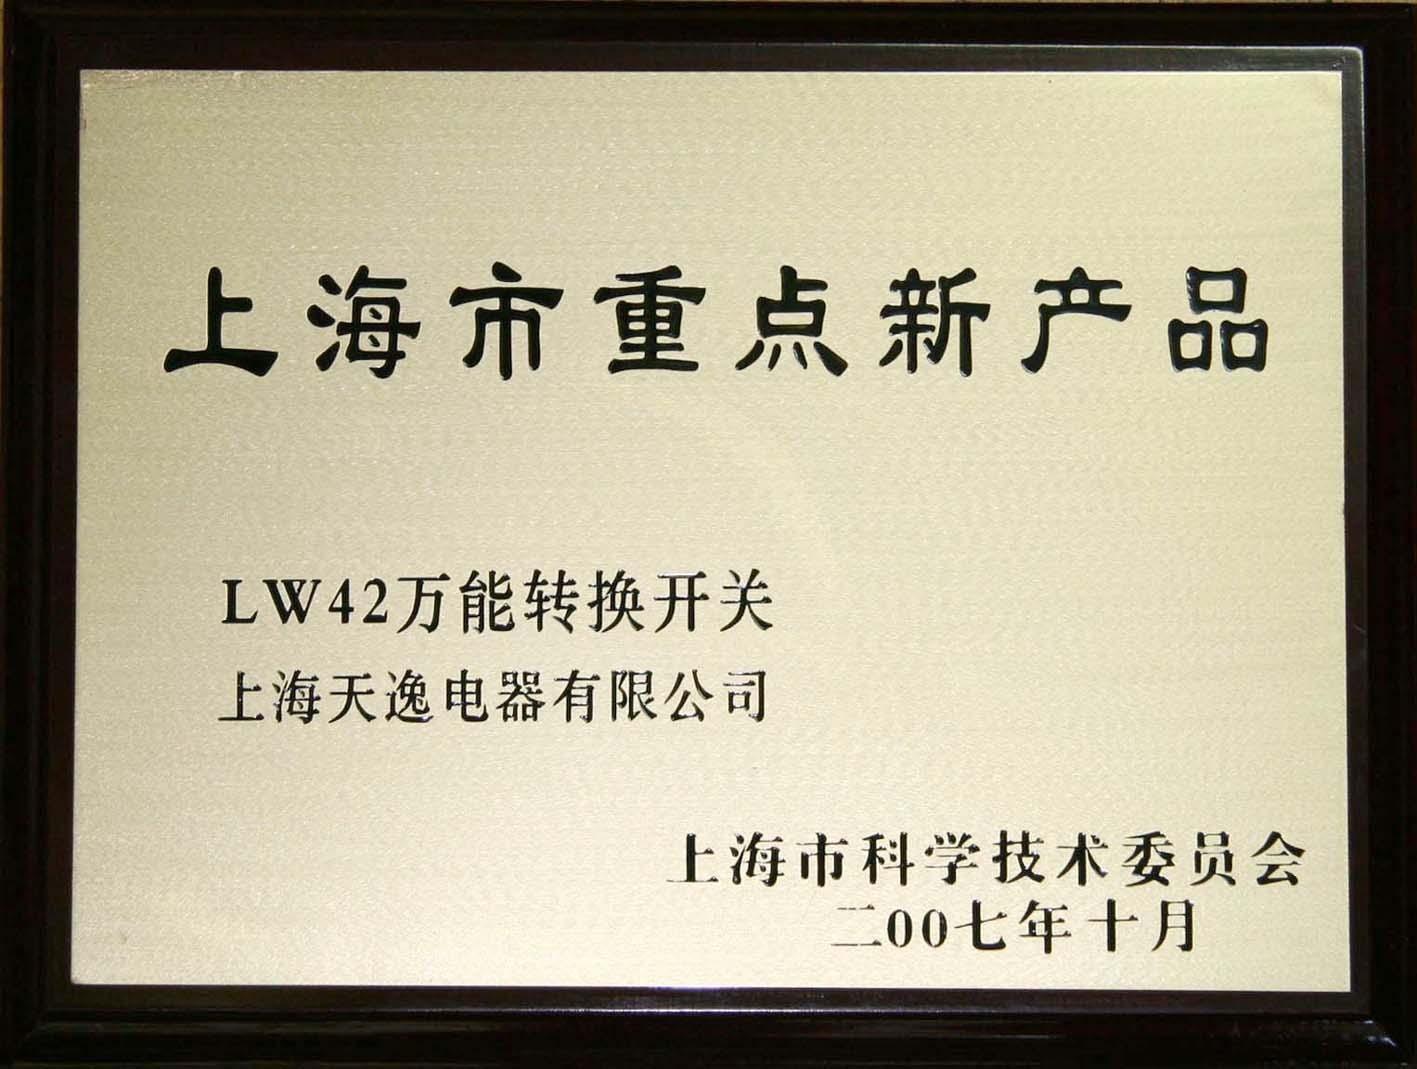 重点产品(LW42万转)铜牌